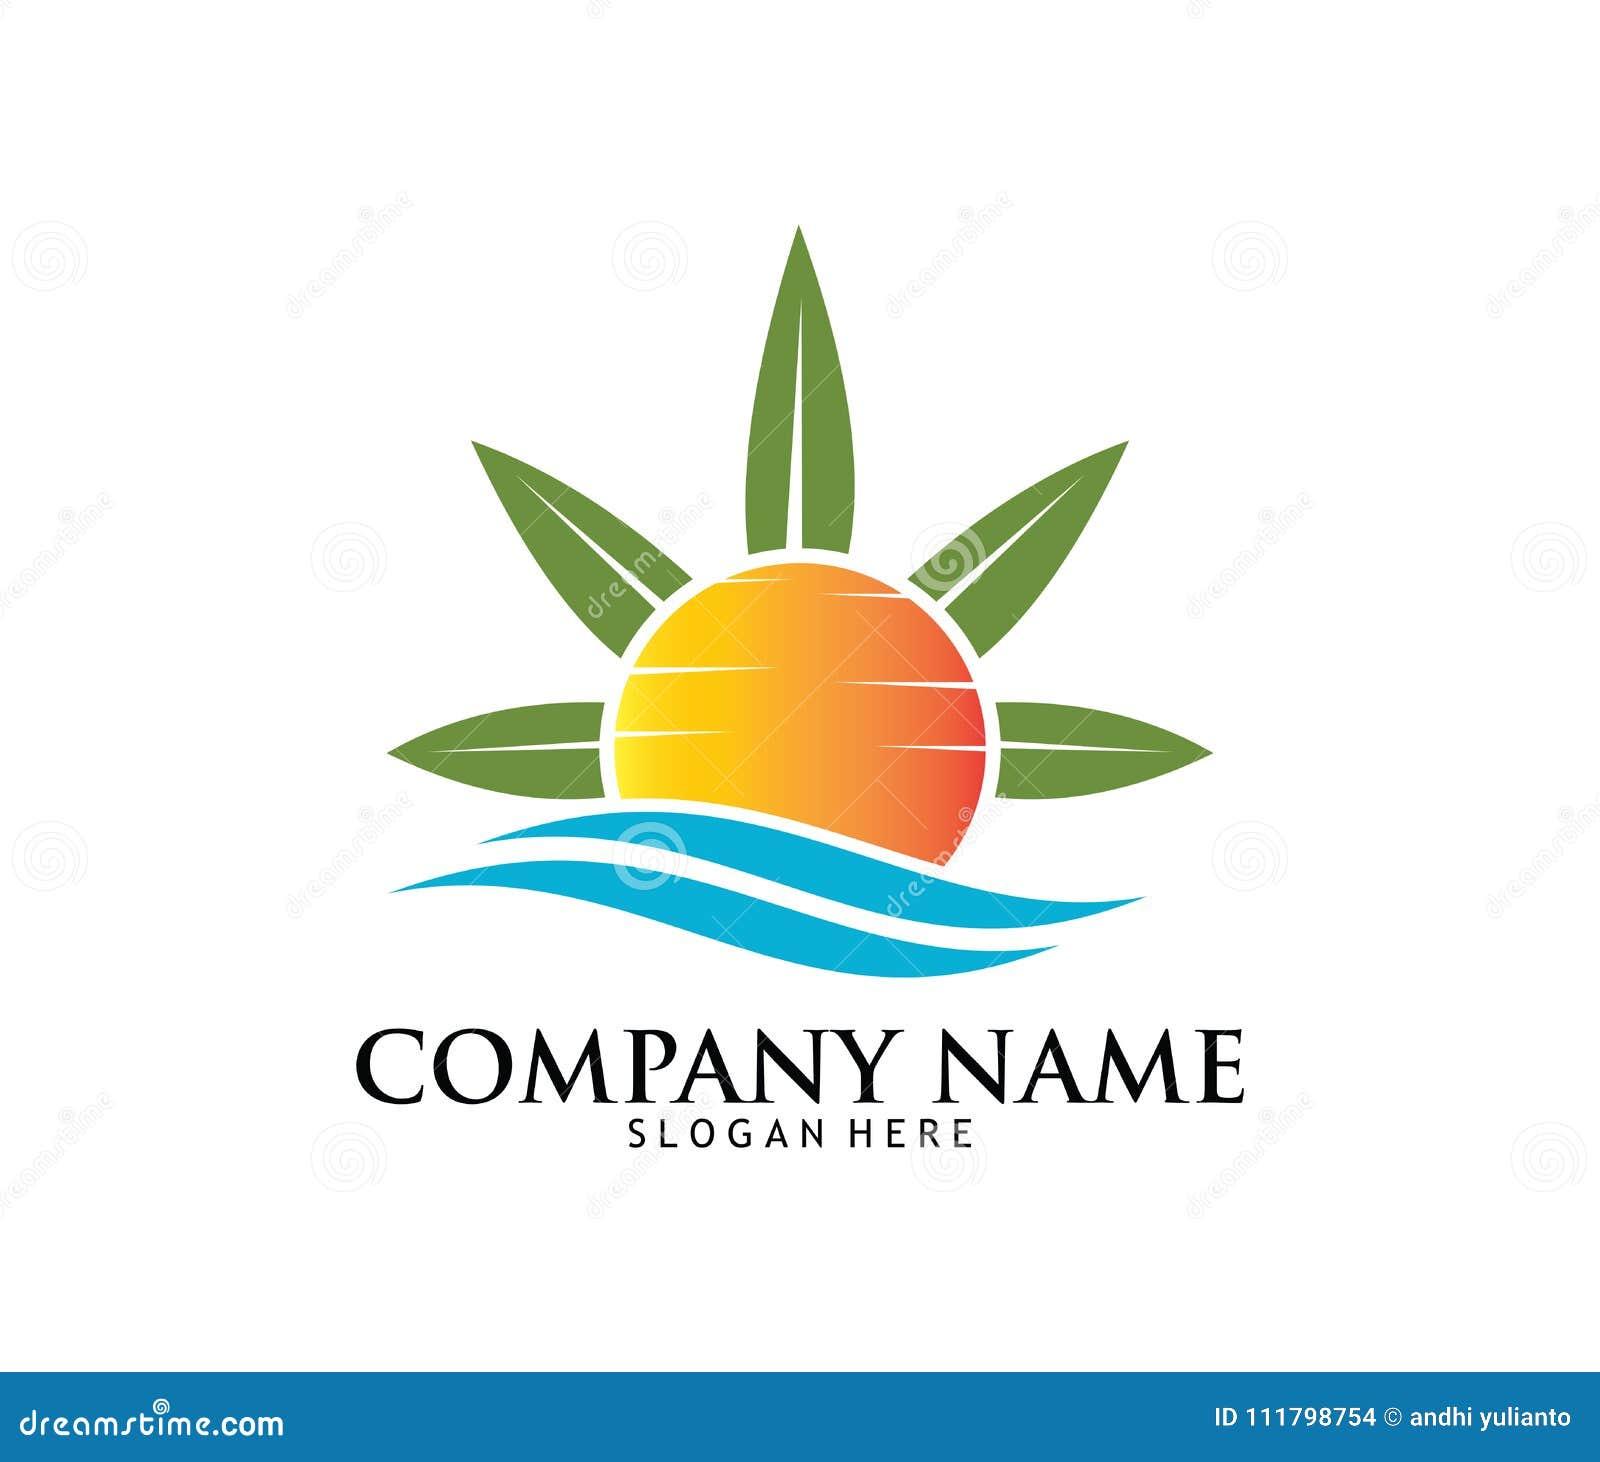 Medicinsk design för logo för laboratorium för apotek för marijuanacannabisdrog